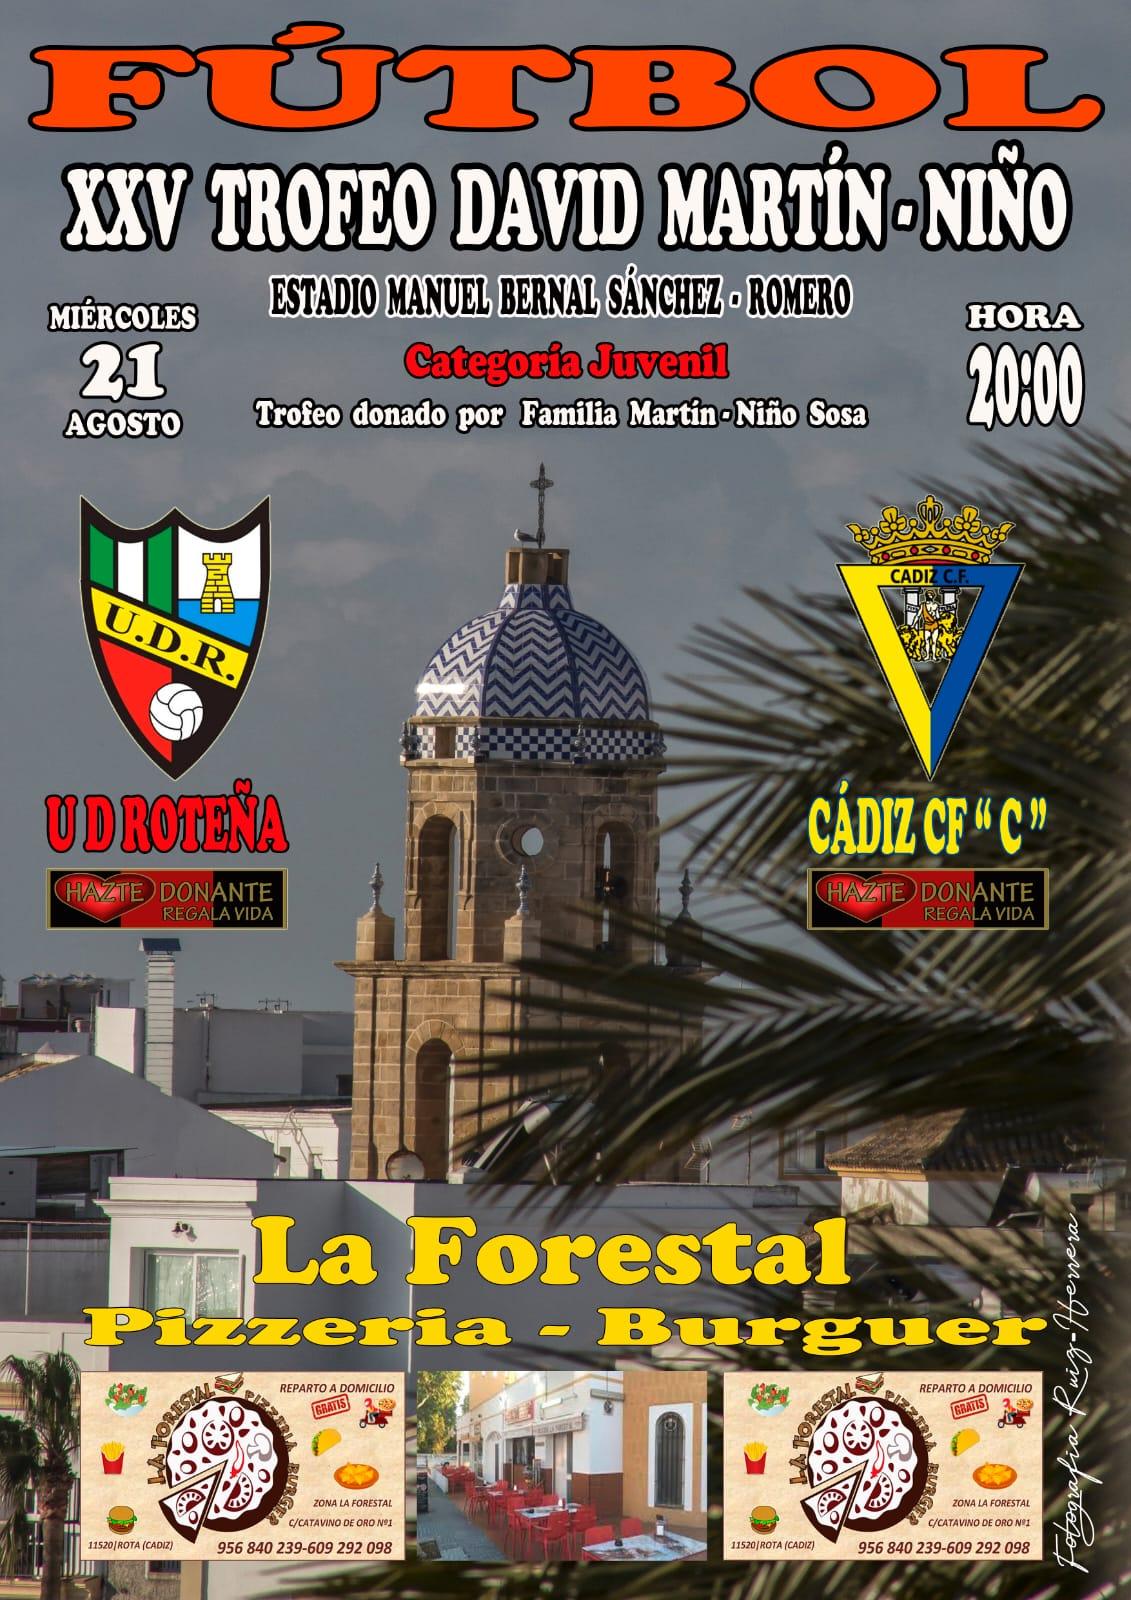 Los juveniles de la U.D. Roteña y el Cádiz C.F. jugarán el XXV Trofeo David Martín-Niño